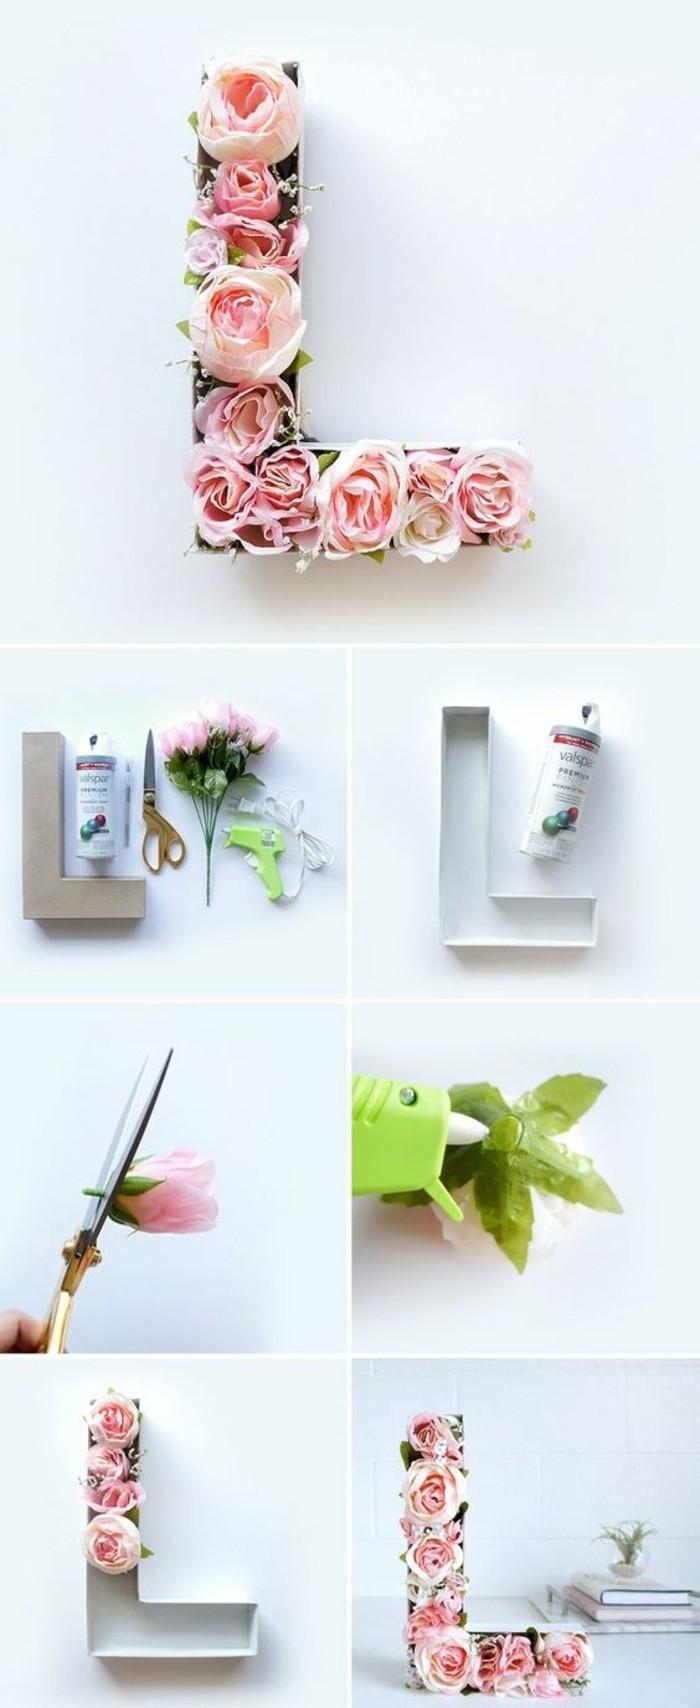 Lettera L di carta, decorazioni con fiori, addobbi da appendere al muro